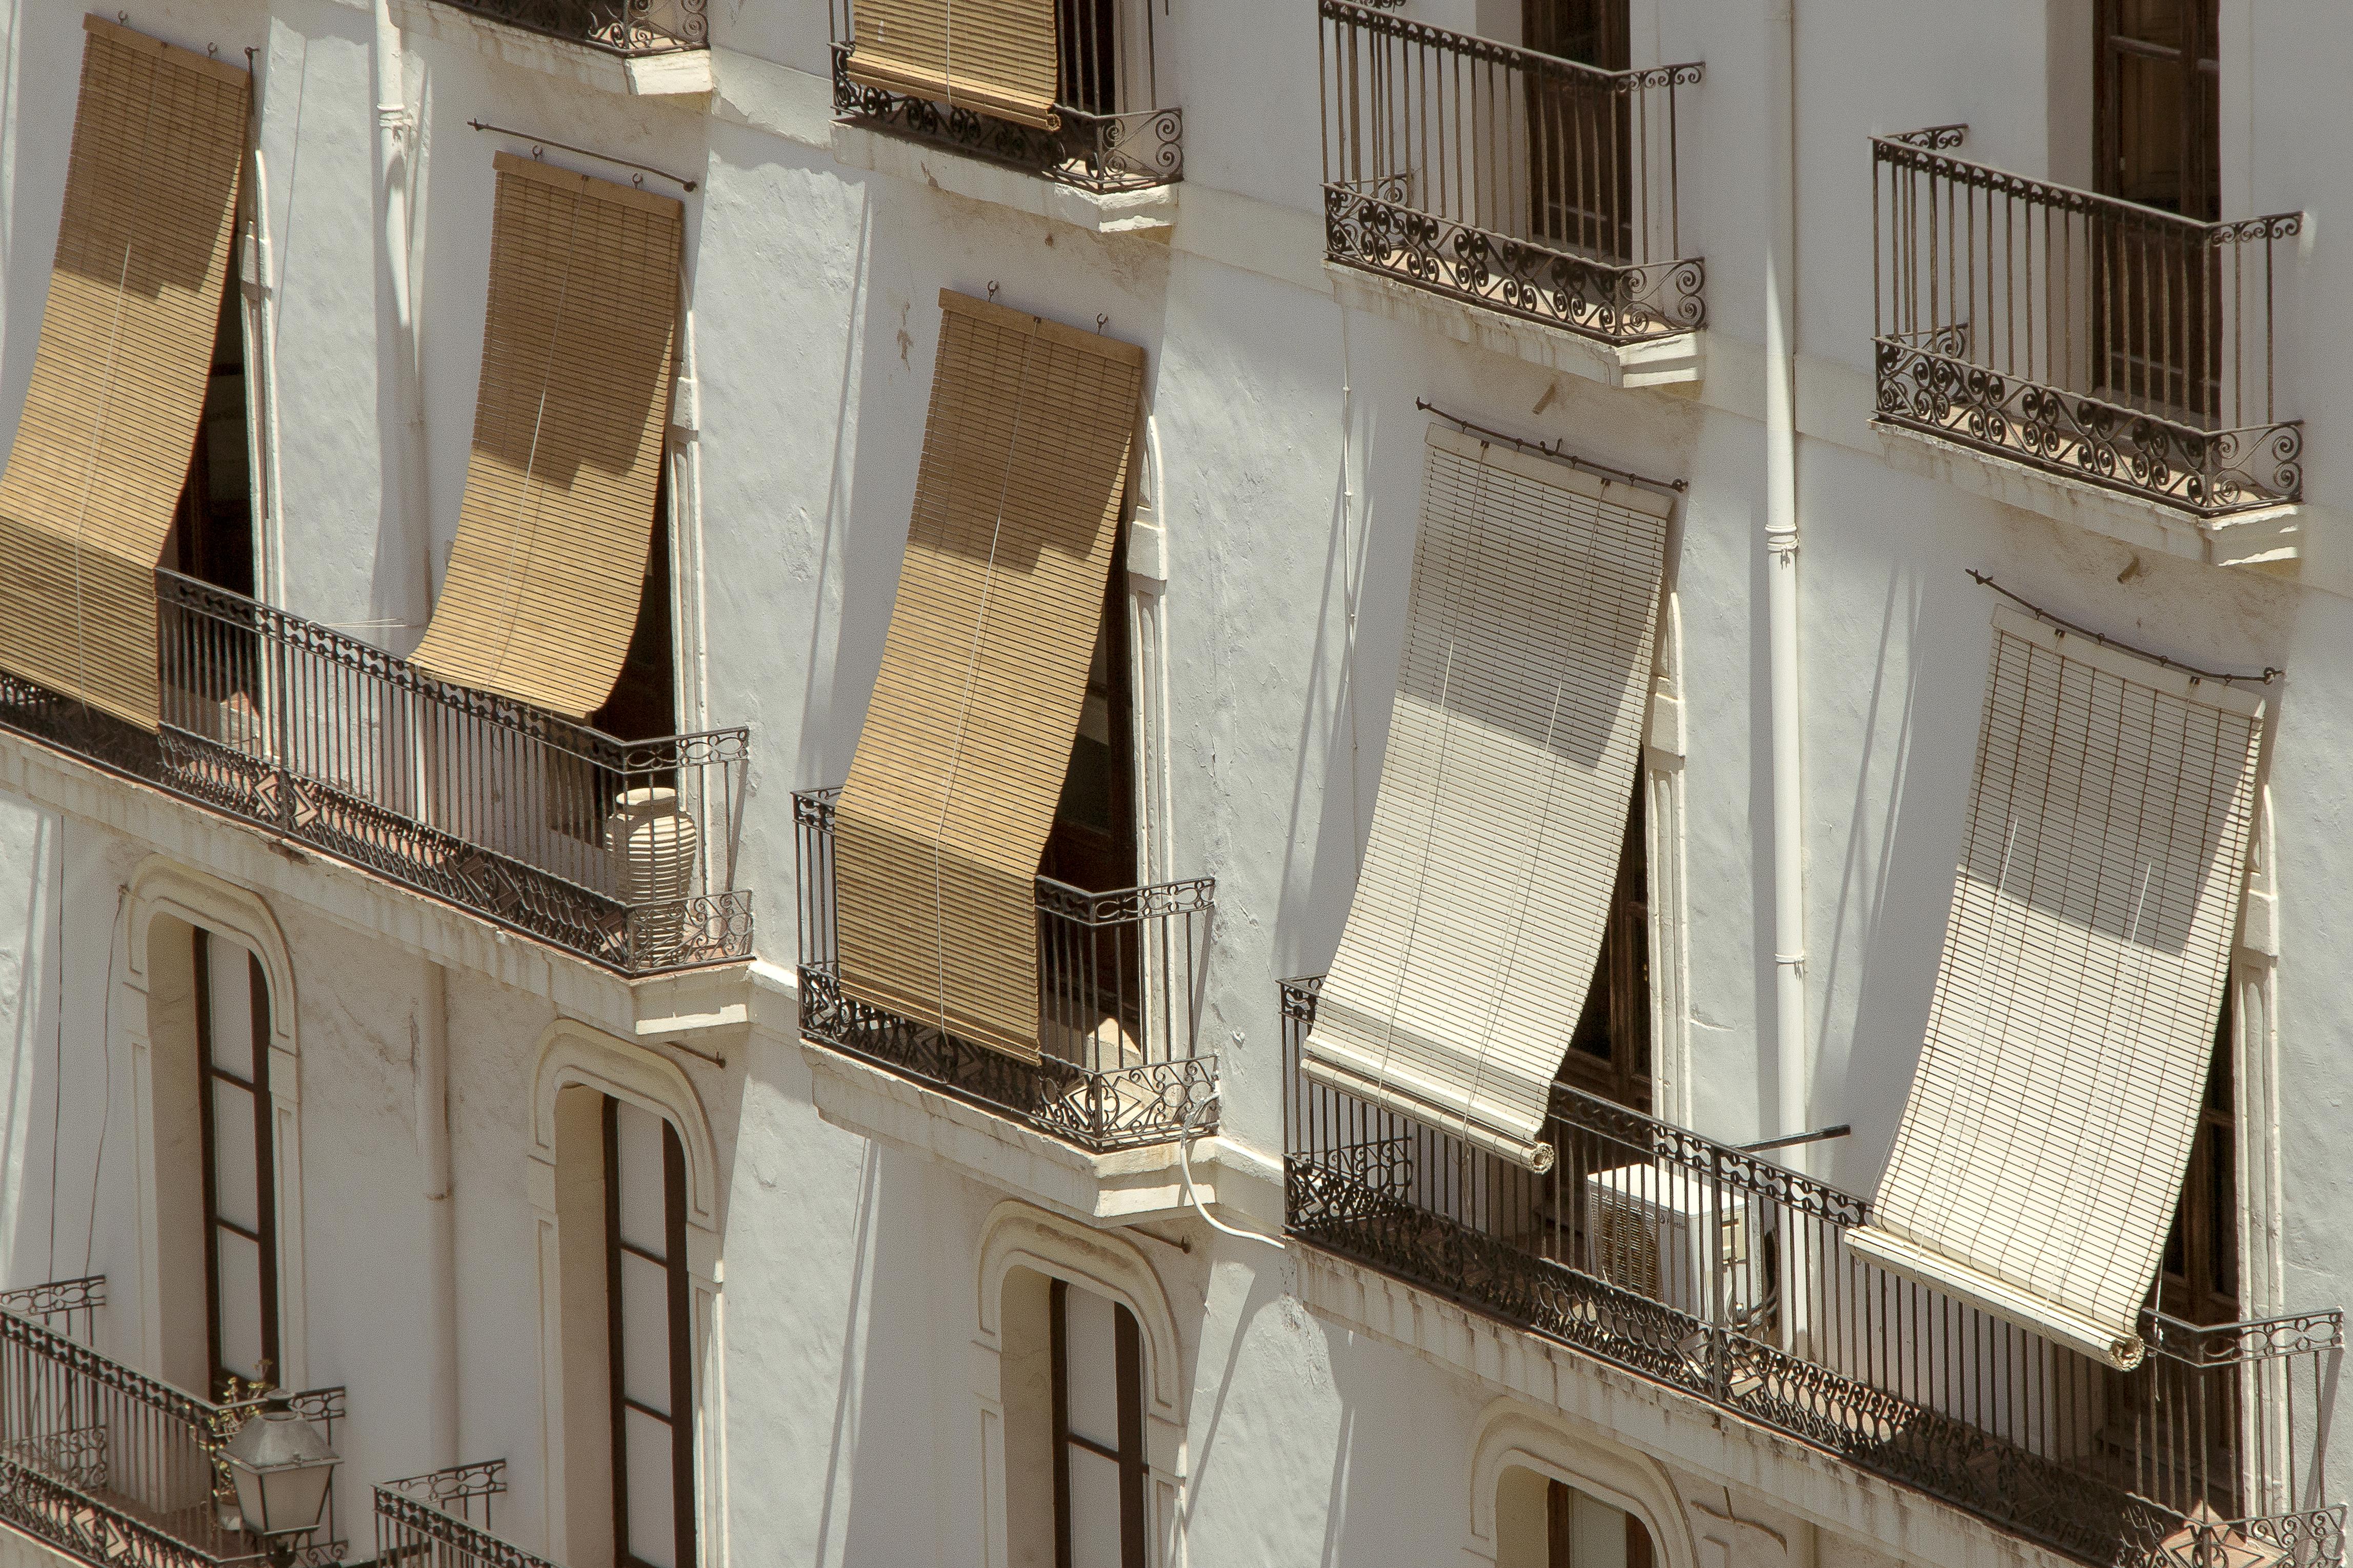 Gratis billeder : udendørs, arkitektur, struktur, træ, hus, vindue ...